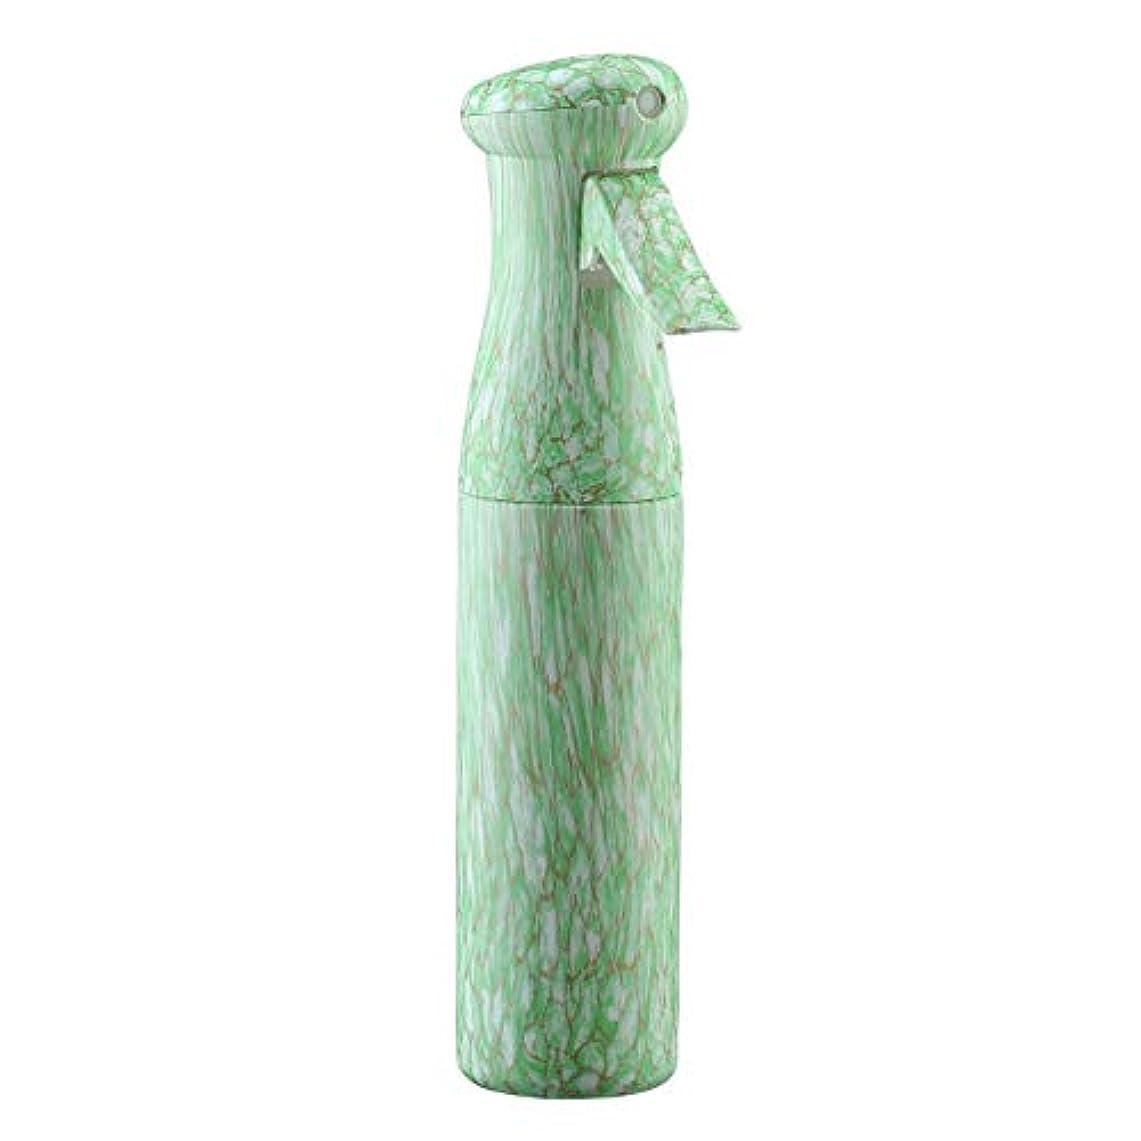 周辺同志暴力的なFaletony(JP) 250ml スプレーボルト 霧吹き スプレー エアリーミスト スプレー サロン 理髪用 美髪用 美容スプレーナー 植物用 ペット用 水やり 新型 連続押しスプレーボトル 木目 (グリーン)